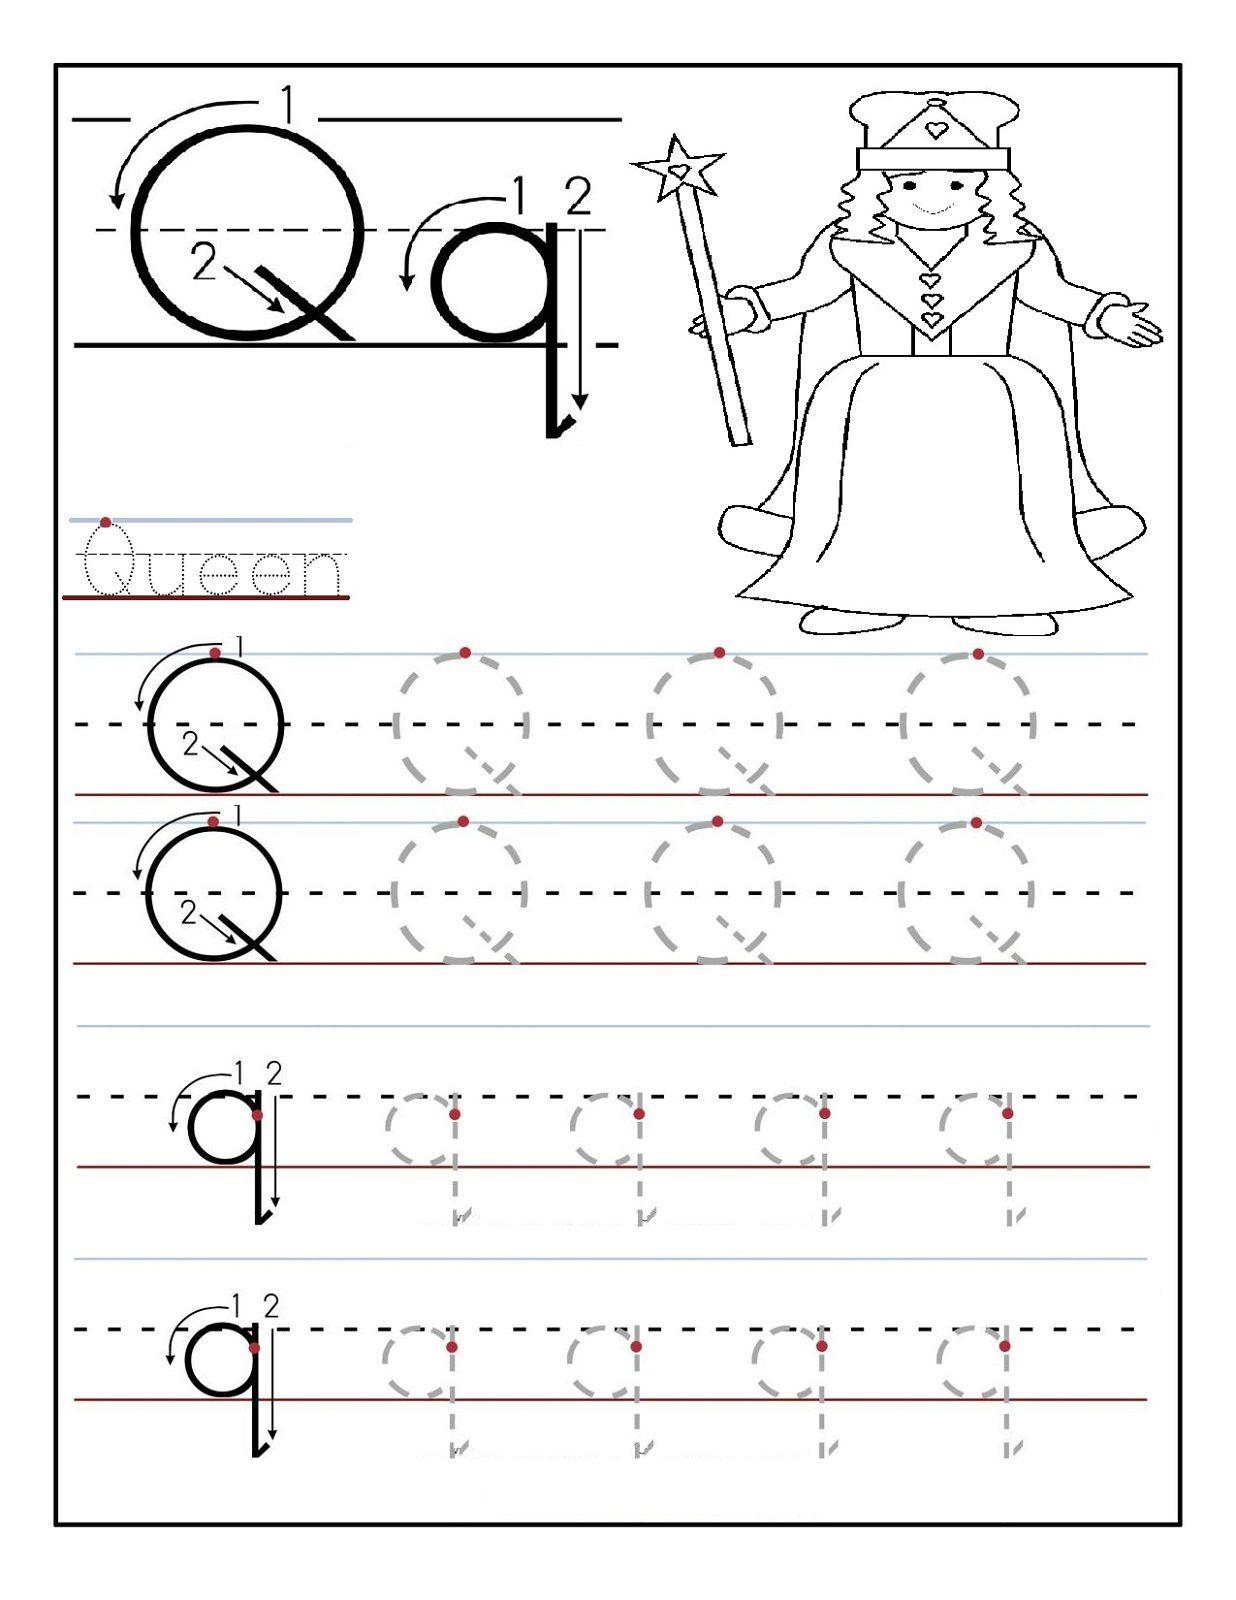 Preschool Alphabet Worksheets Queen